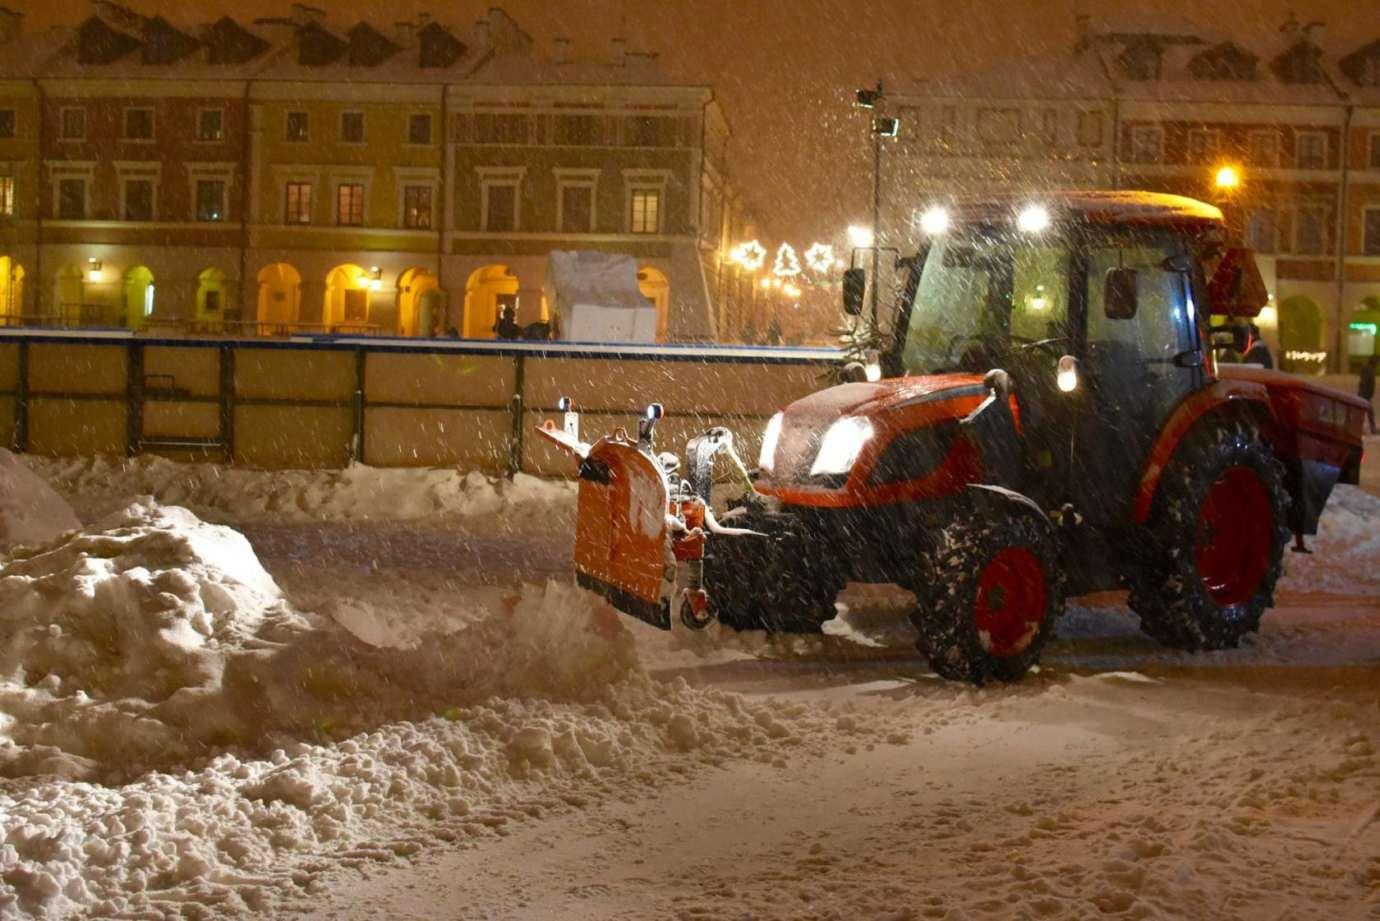 12489454 1685563668380430 4592863282442163760 o Wiadomo, kto będzie walczył ze śniegiem w Zamościu